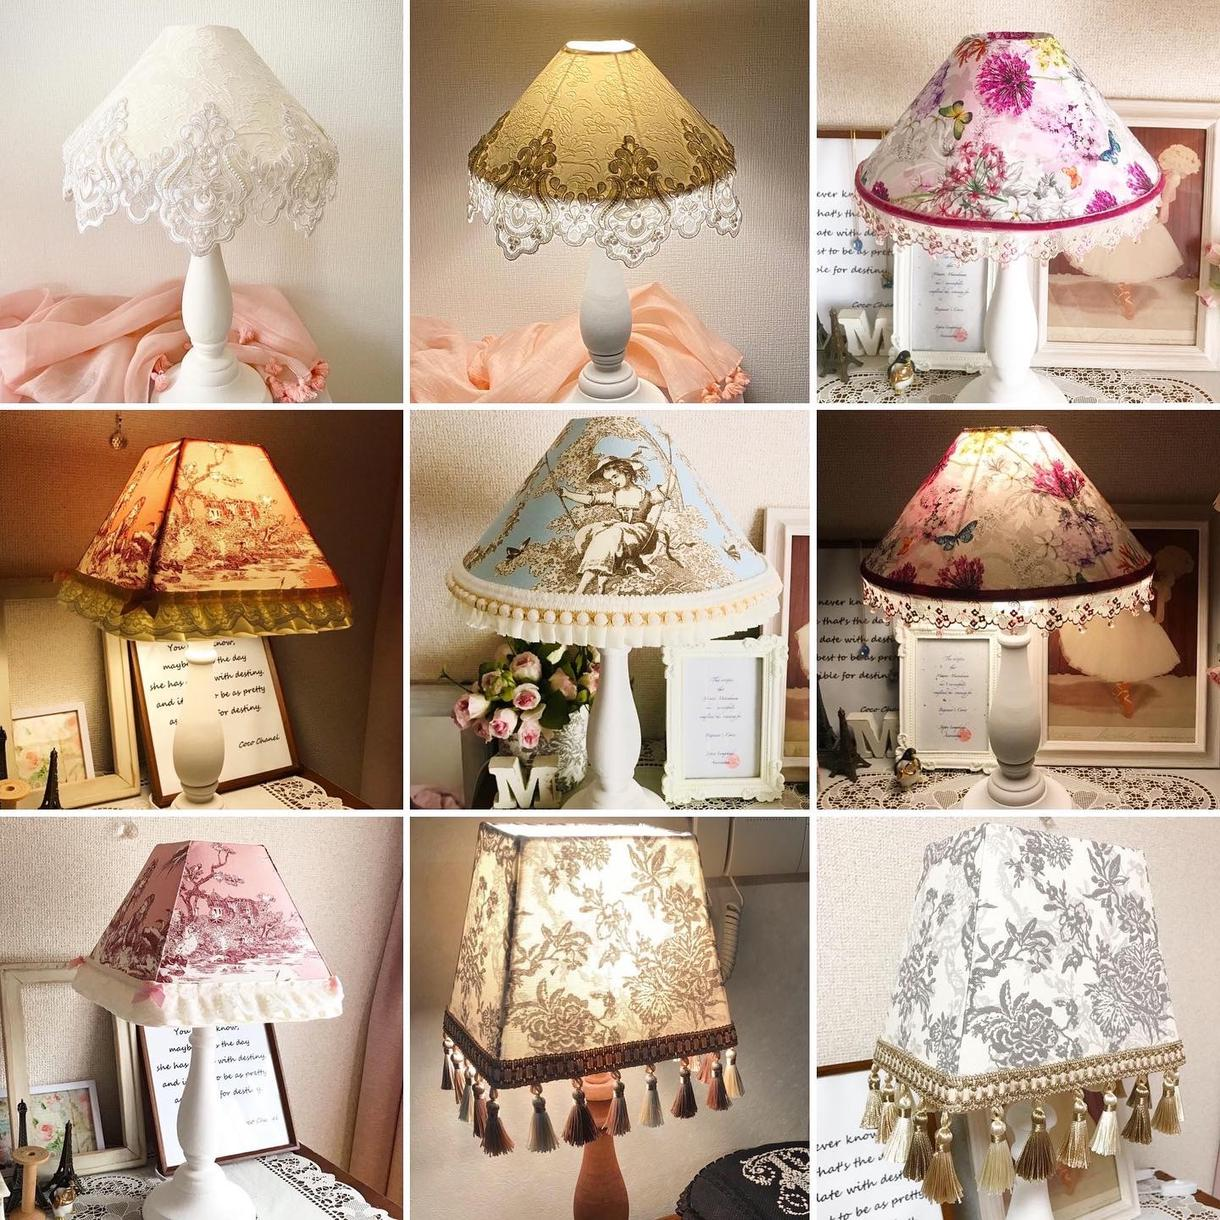 フランス輸入生地でテーブルランプを制作します 寝る前に安らぎのひとときを。優しい灯りランプシェード。 イメージ1